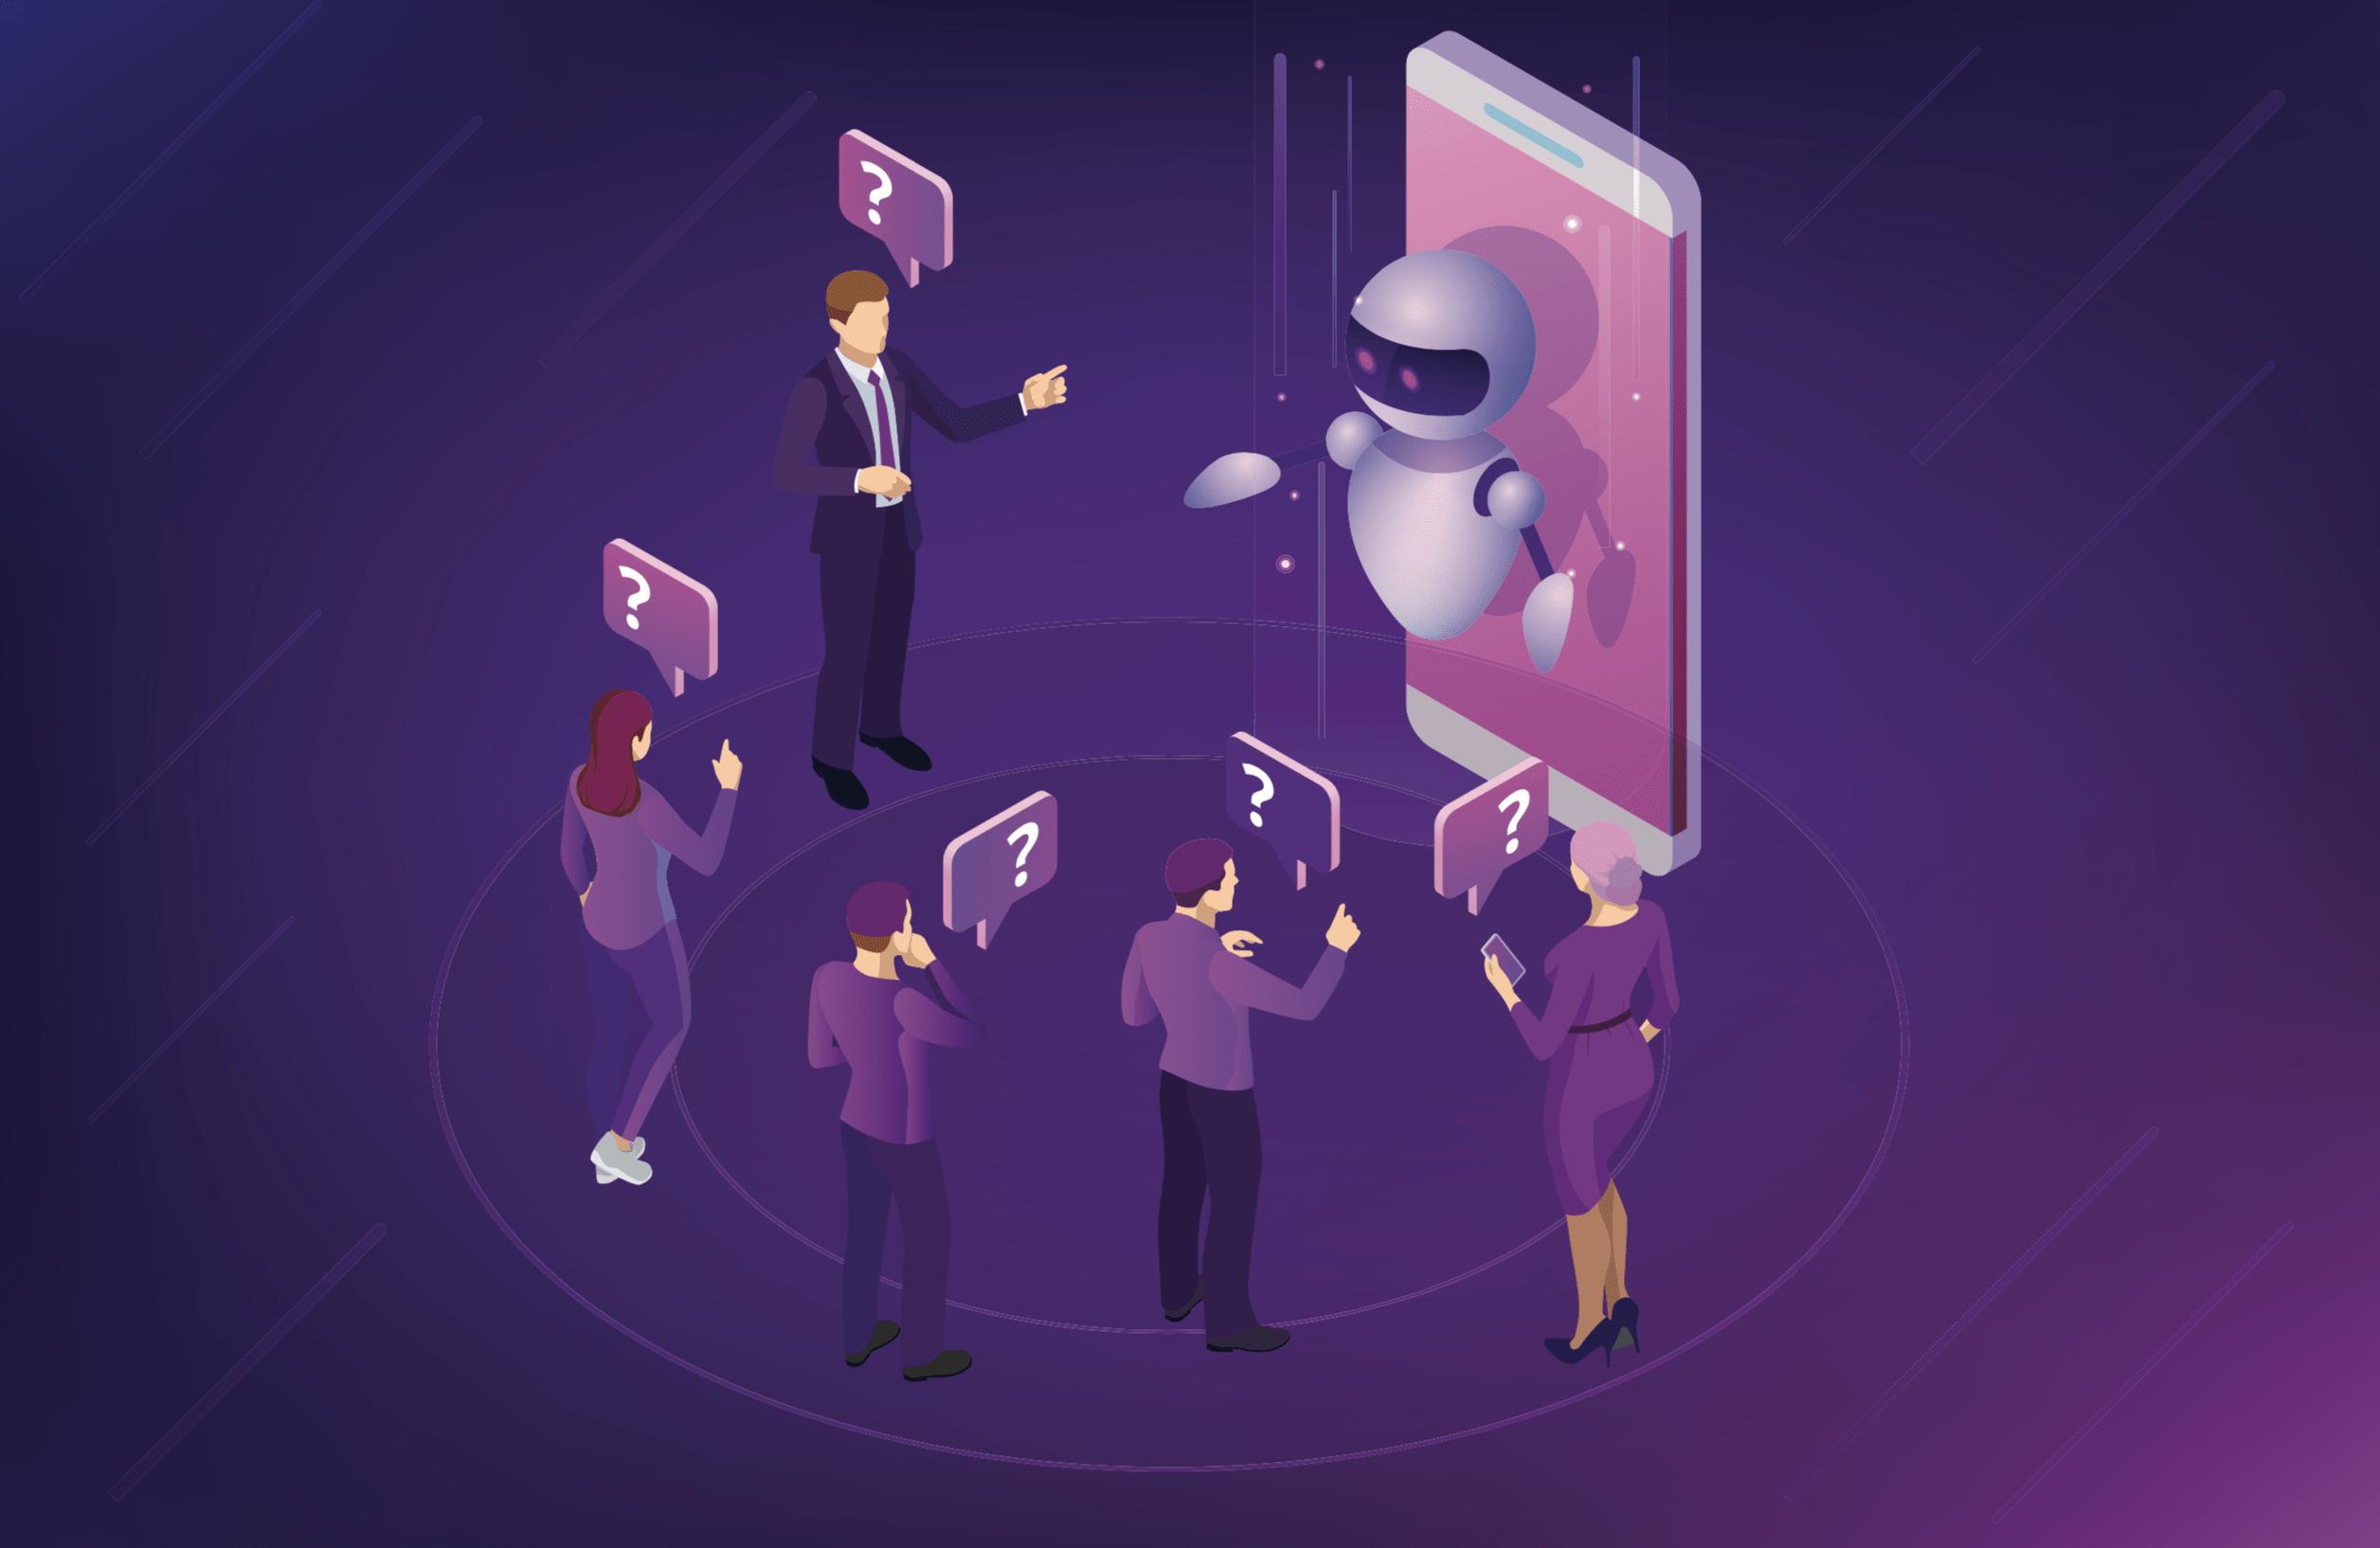 como-implementar-chatbot-en-empresa